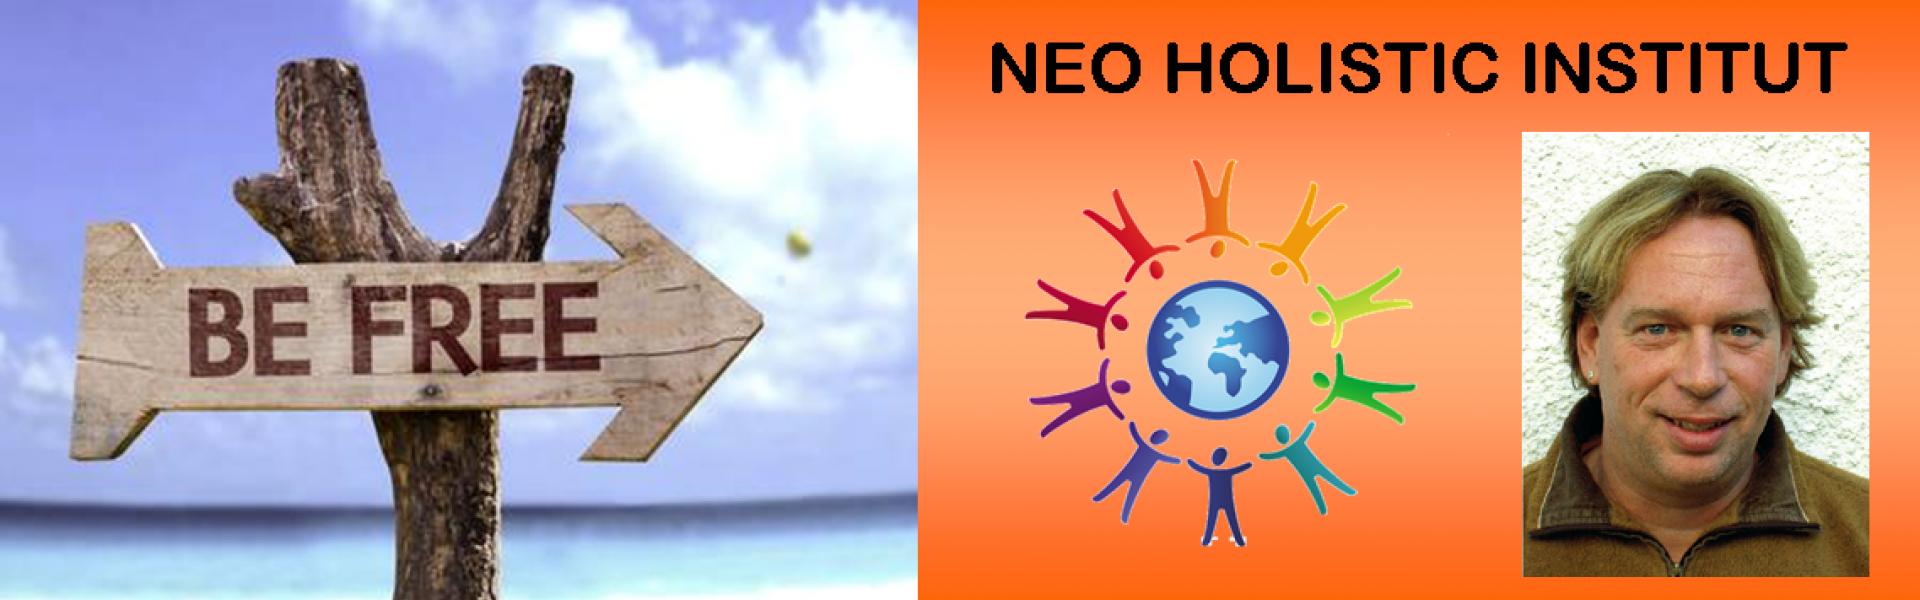 Neo Holistic Institut cover